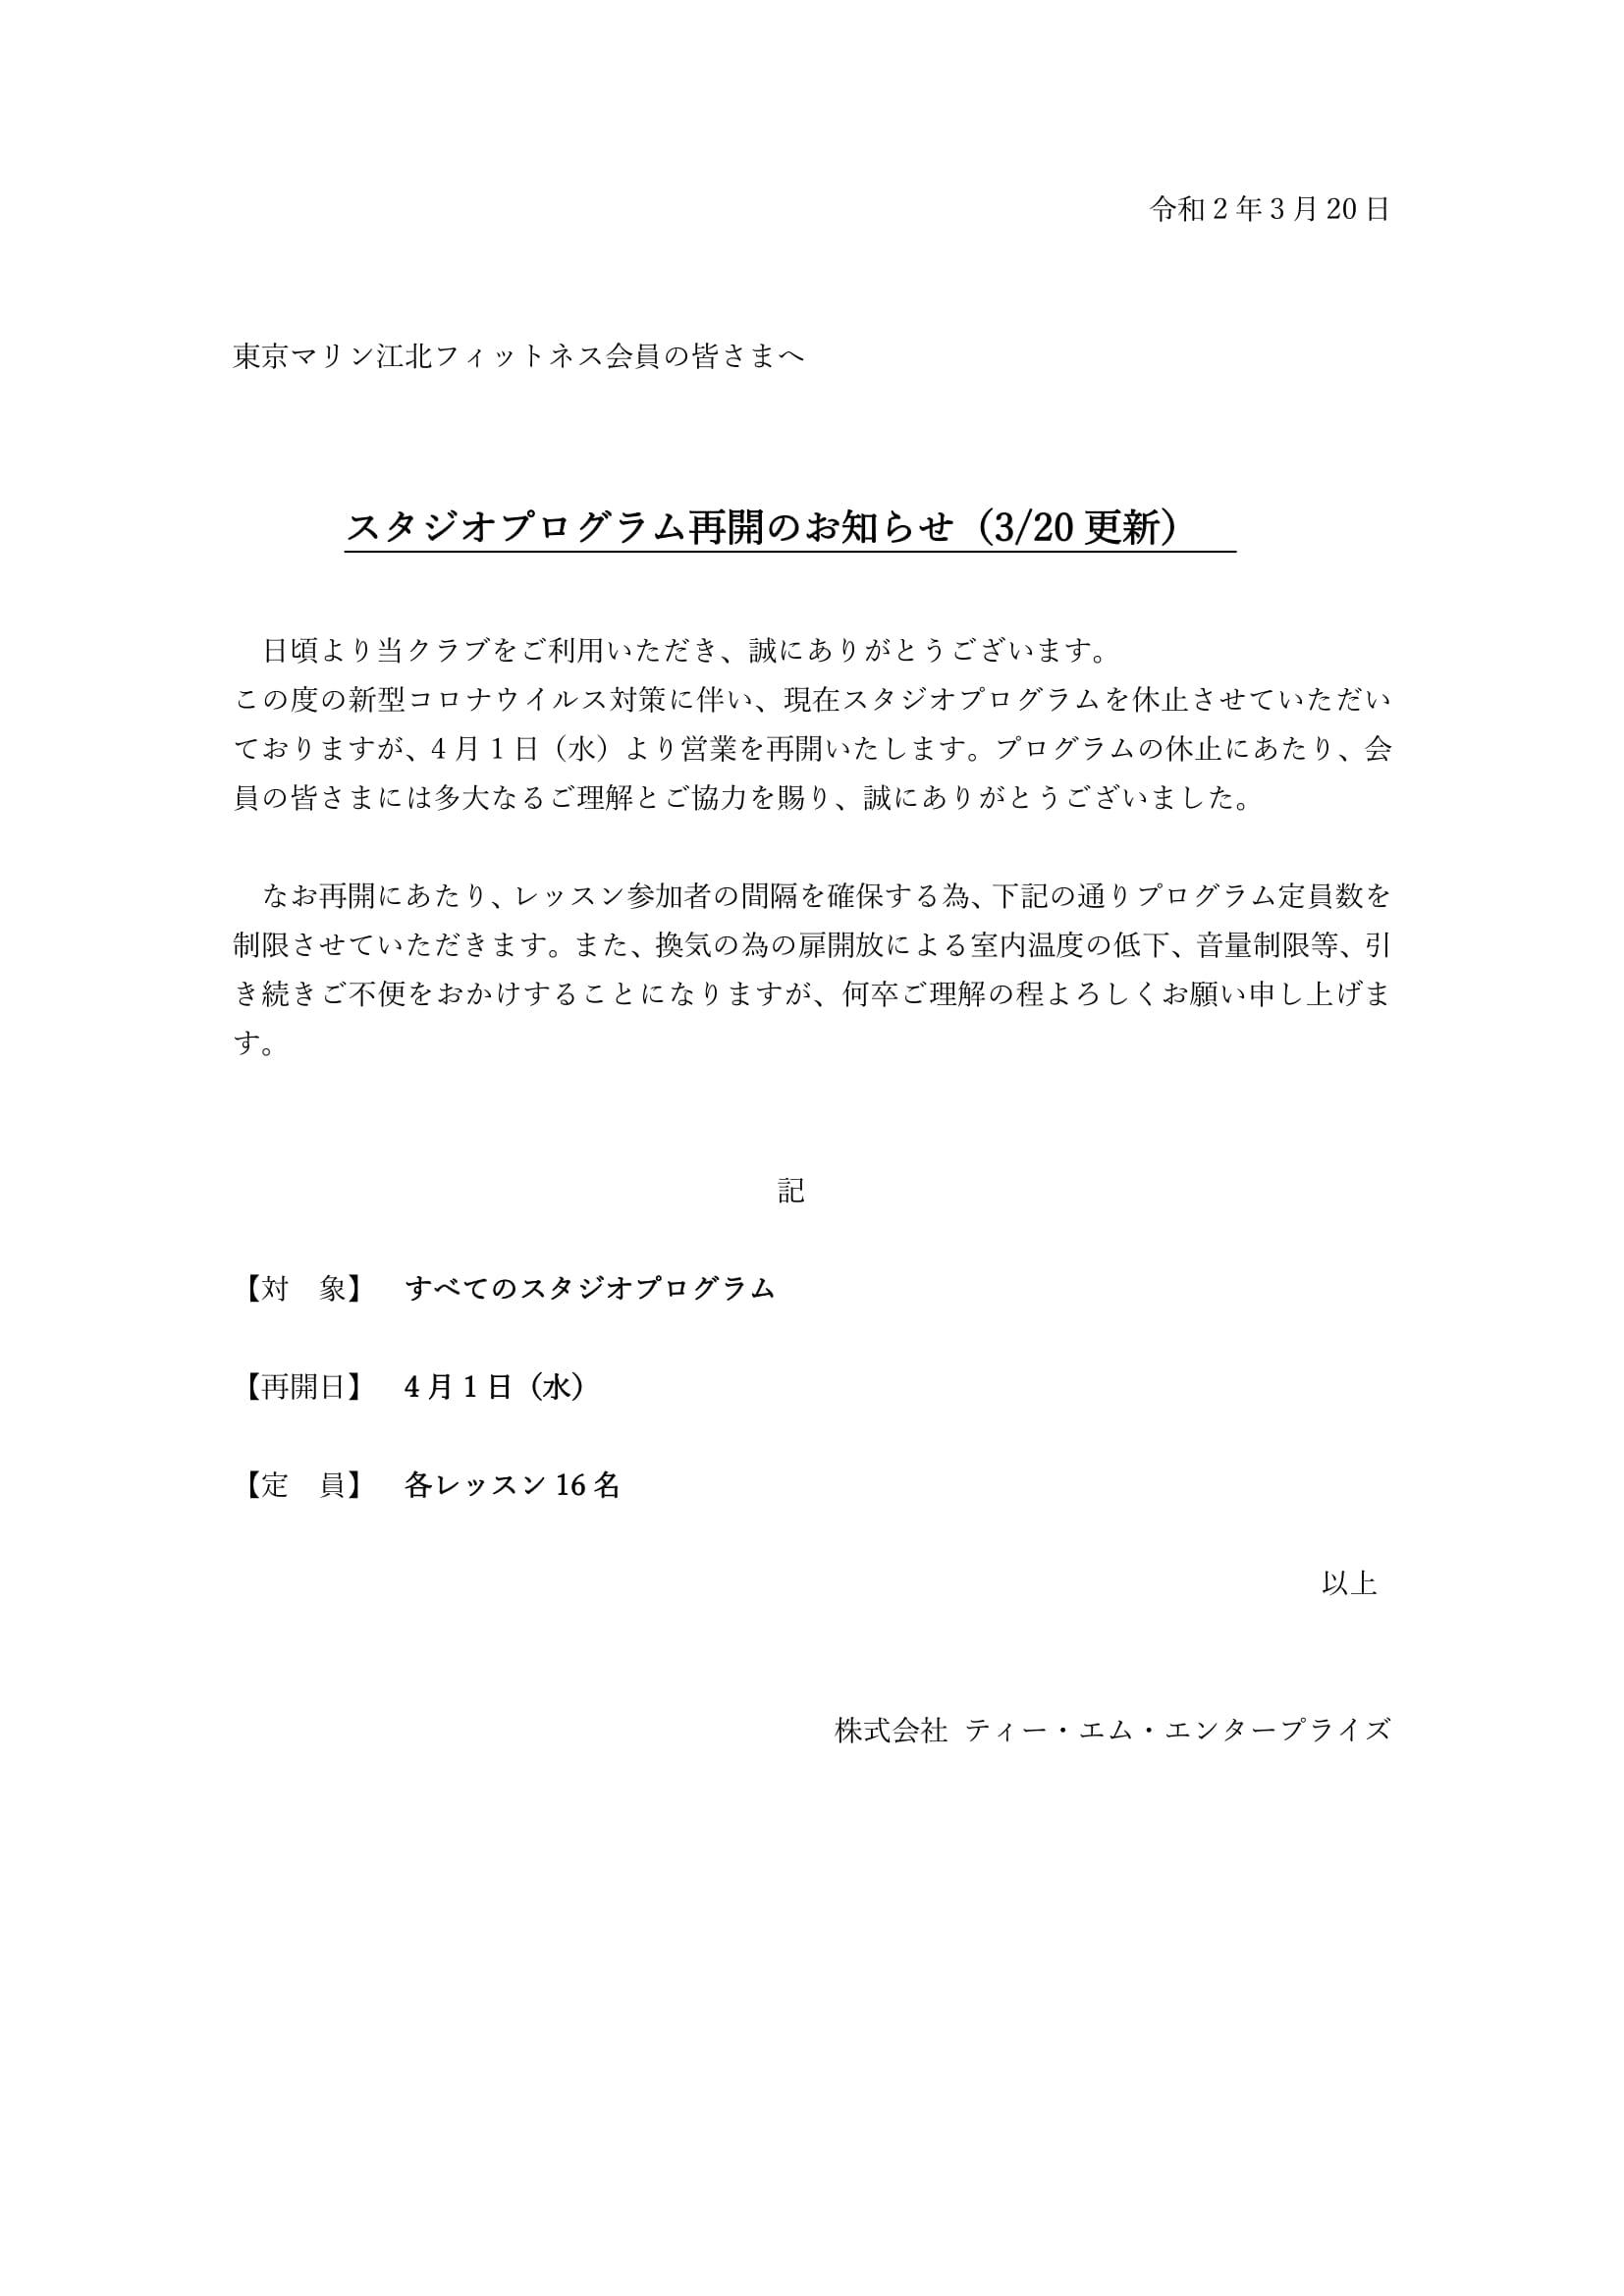 スタジオプログラム再開のお知らせ(3/20更新)